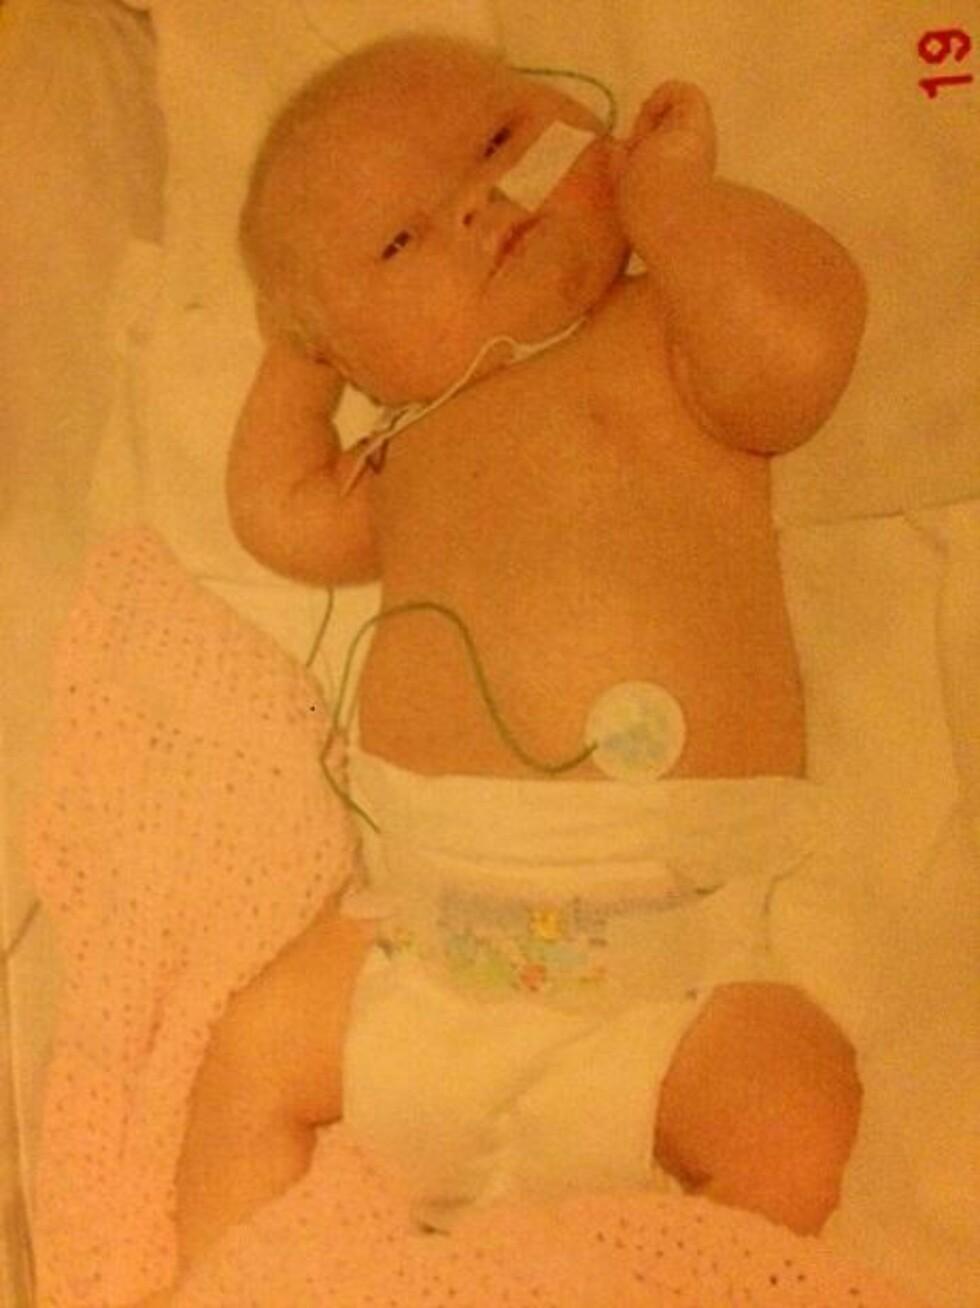 NYFØDT: Angelika ett døgn gammel, dagen etter fødselen 19. november 2005.  Foto: Privat